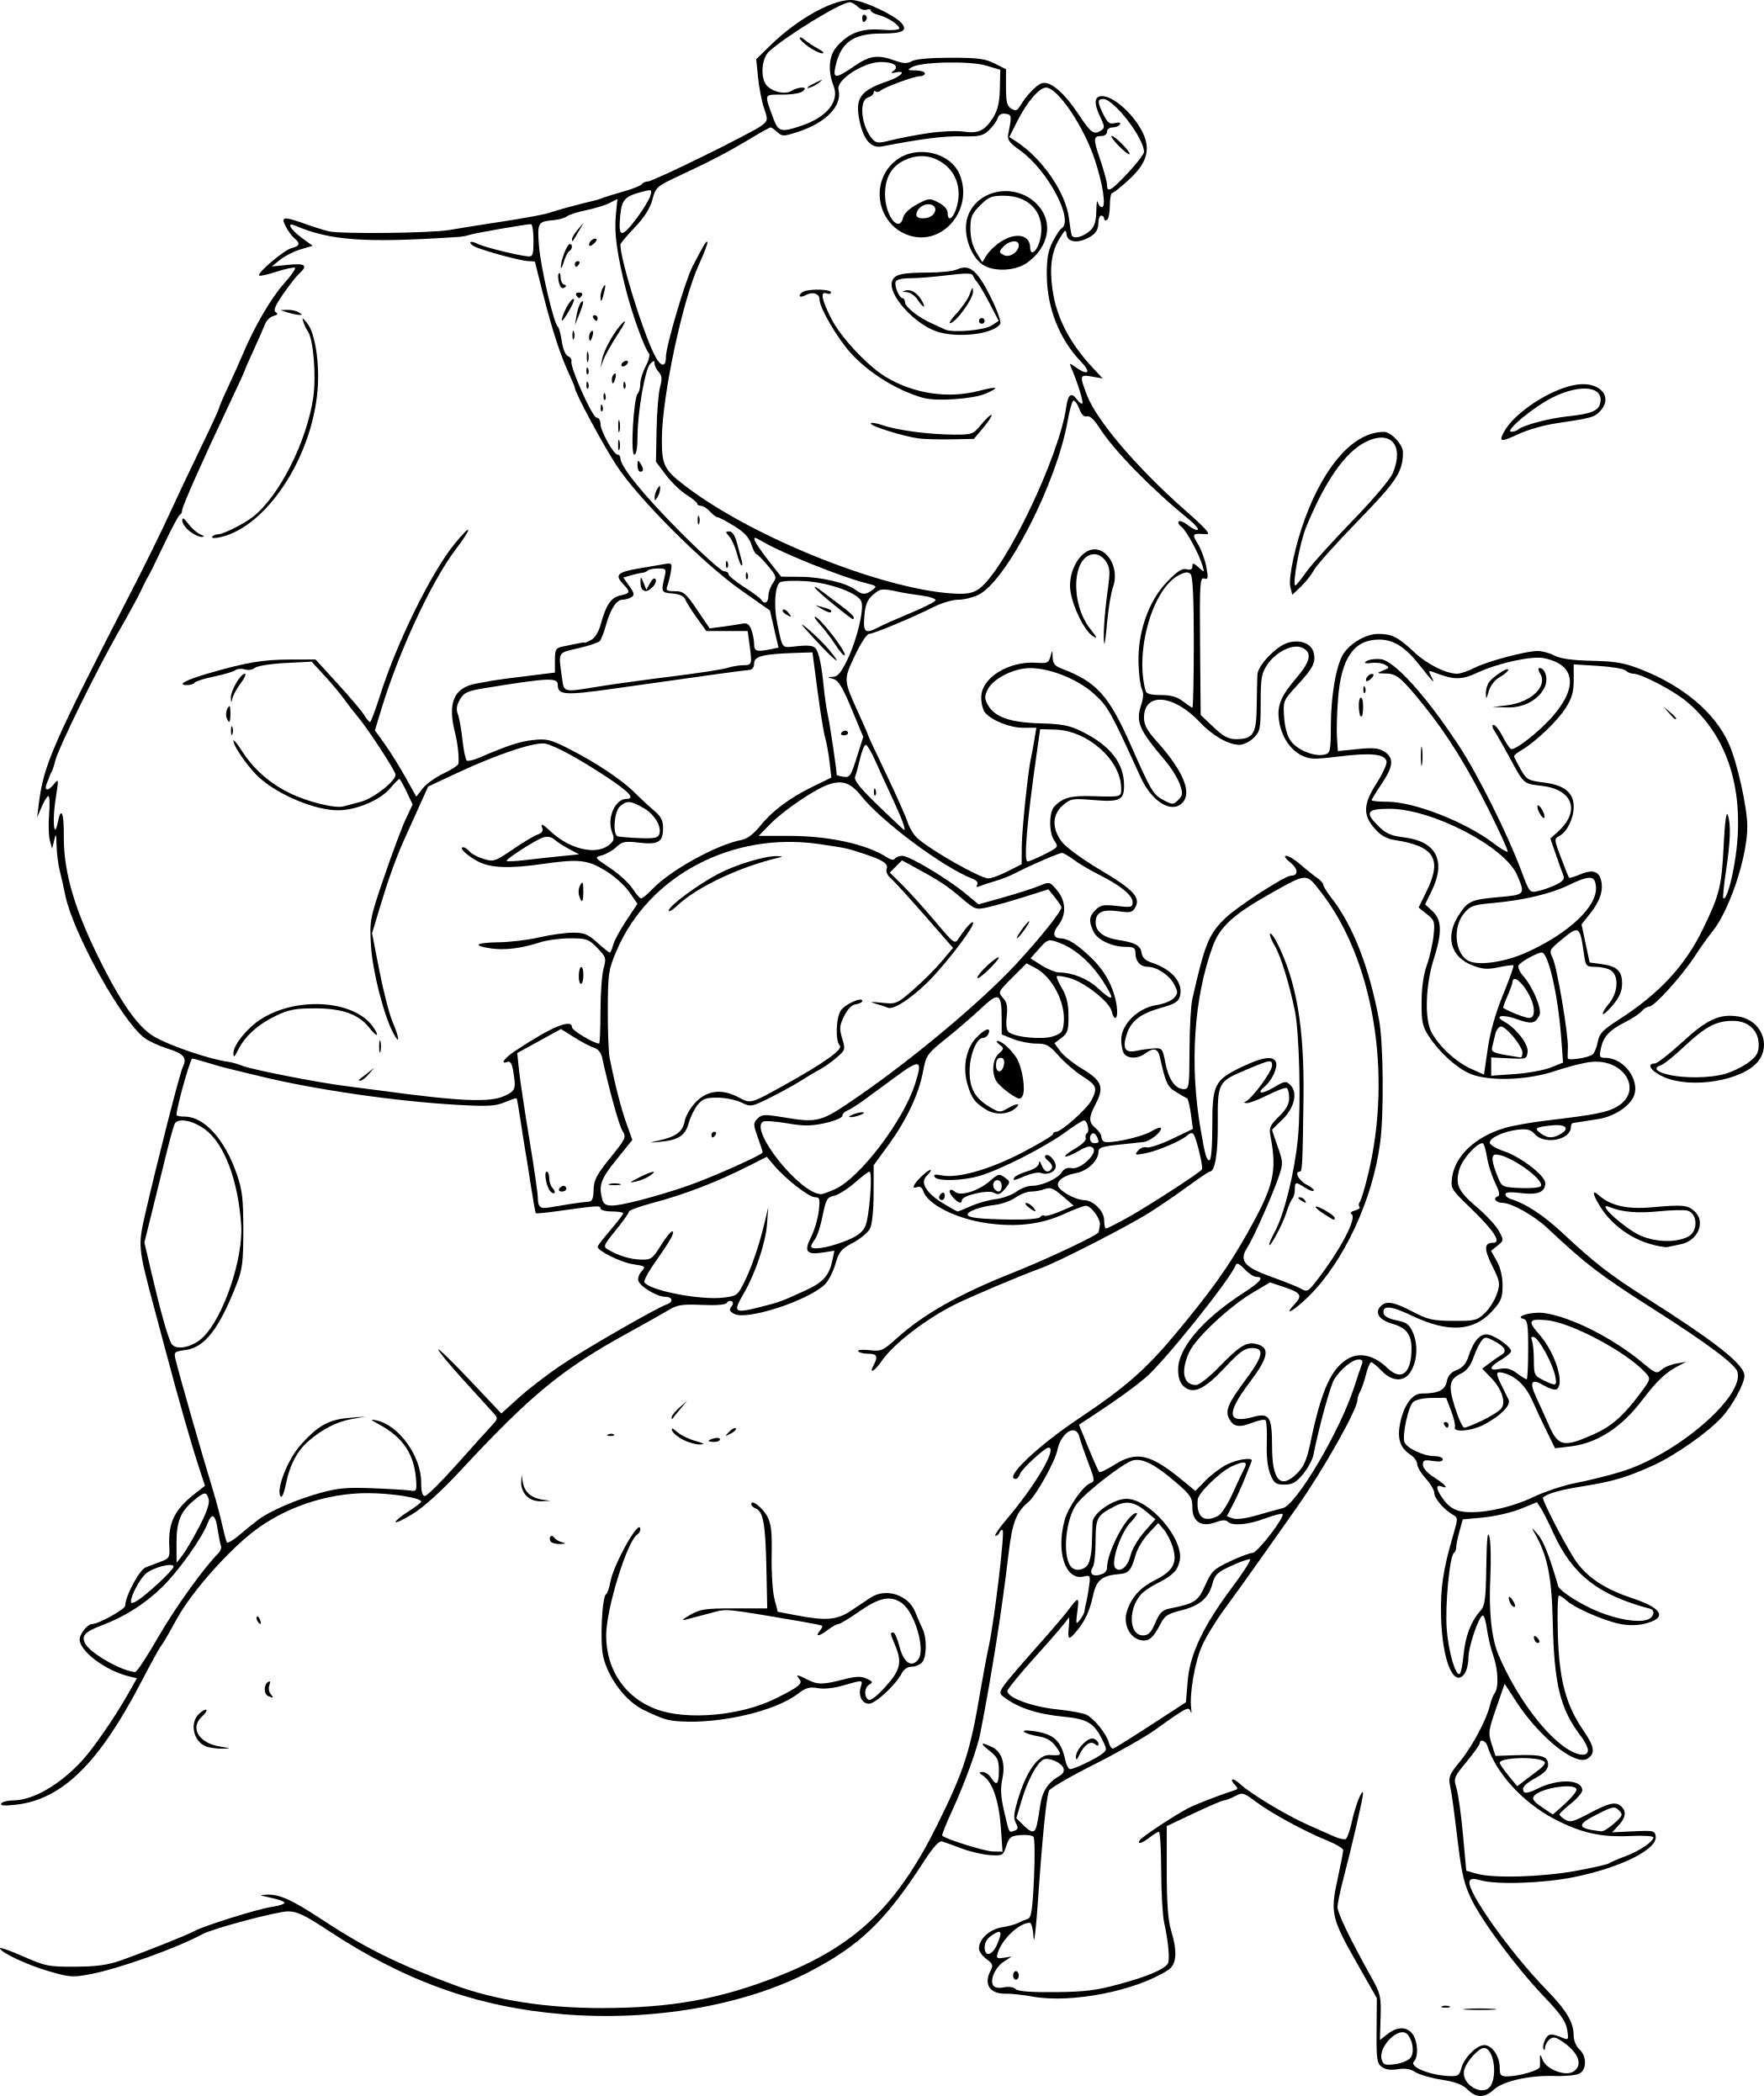 Coloriages à imprimer : Monstres, numéro : 259a887d